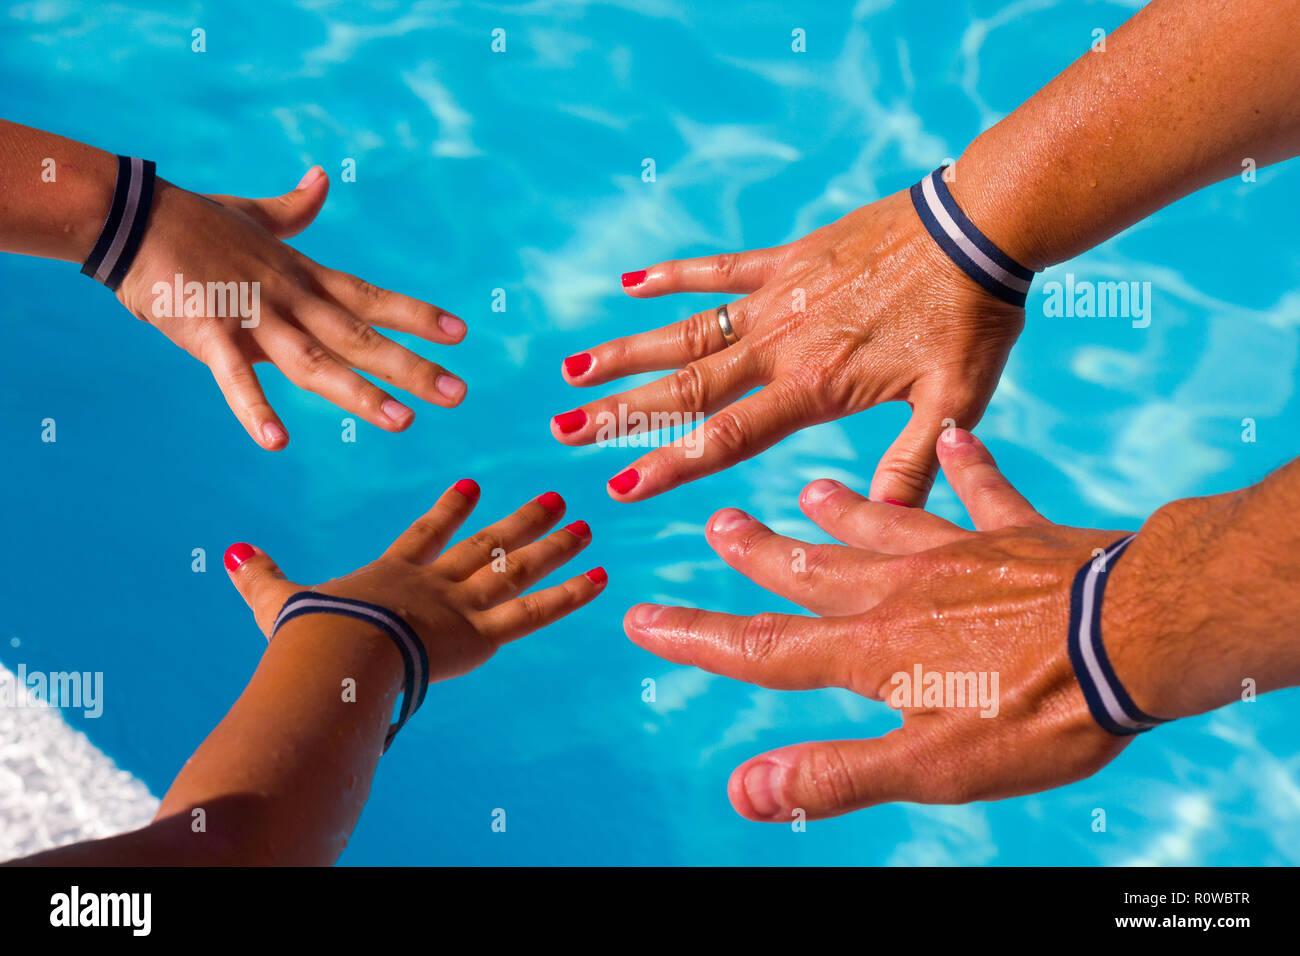 b173a3bc53c8 Las manos de la familia con todo incluido pulseras por recurrir a la  piscina. Los